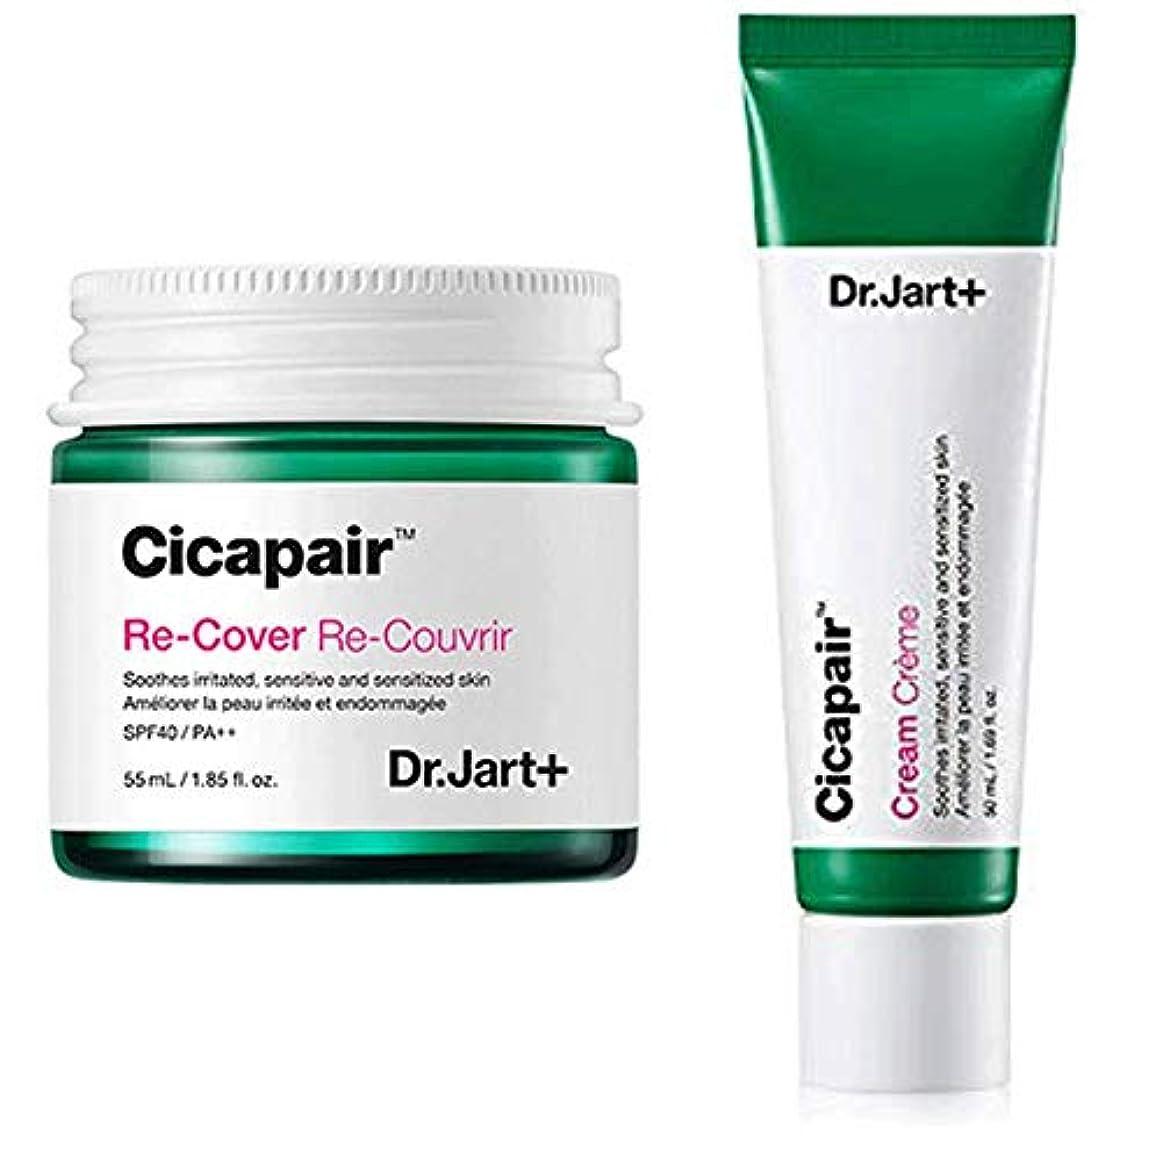 常識直立ピューDr.Jart+ Cicapair Cream + ReCover ドクタージャルトシカペアクリーム50ml + リカバー 55ml (2代目) セット [並行輸入品]